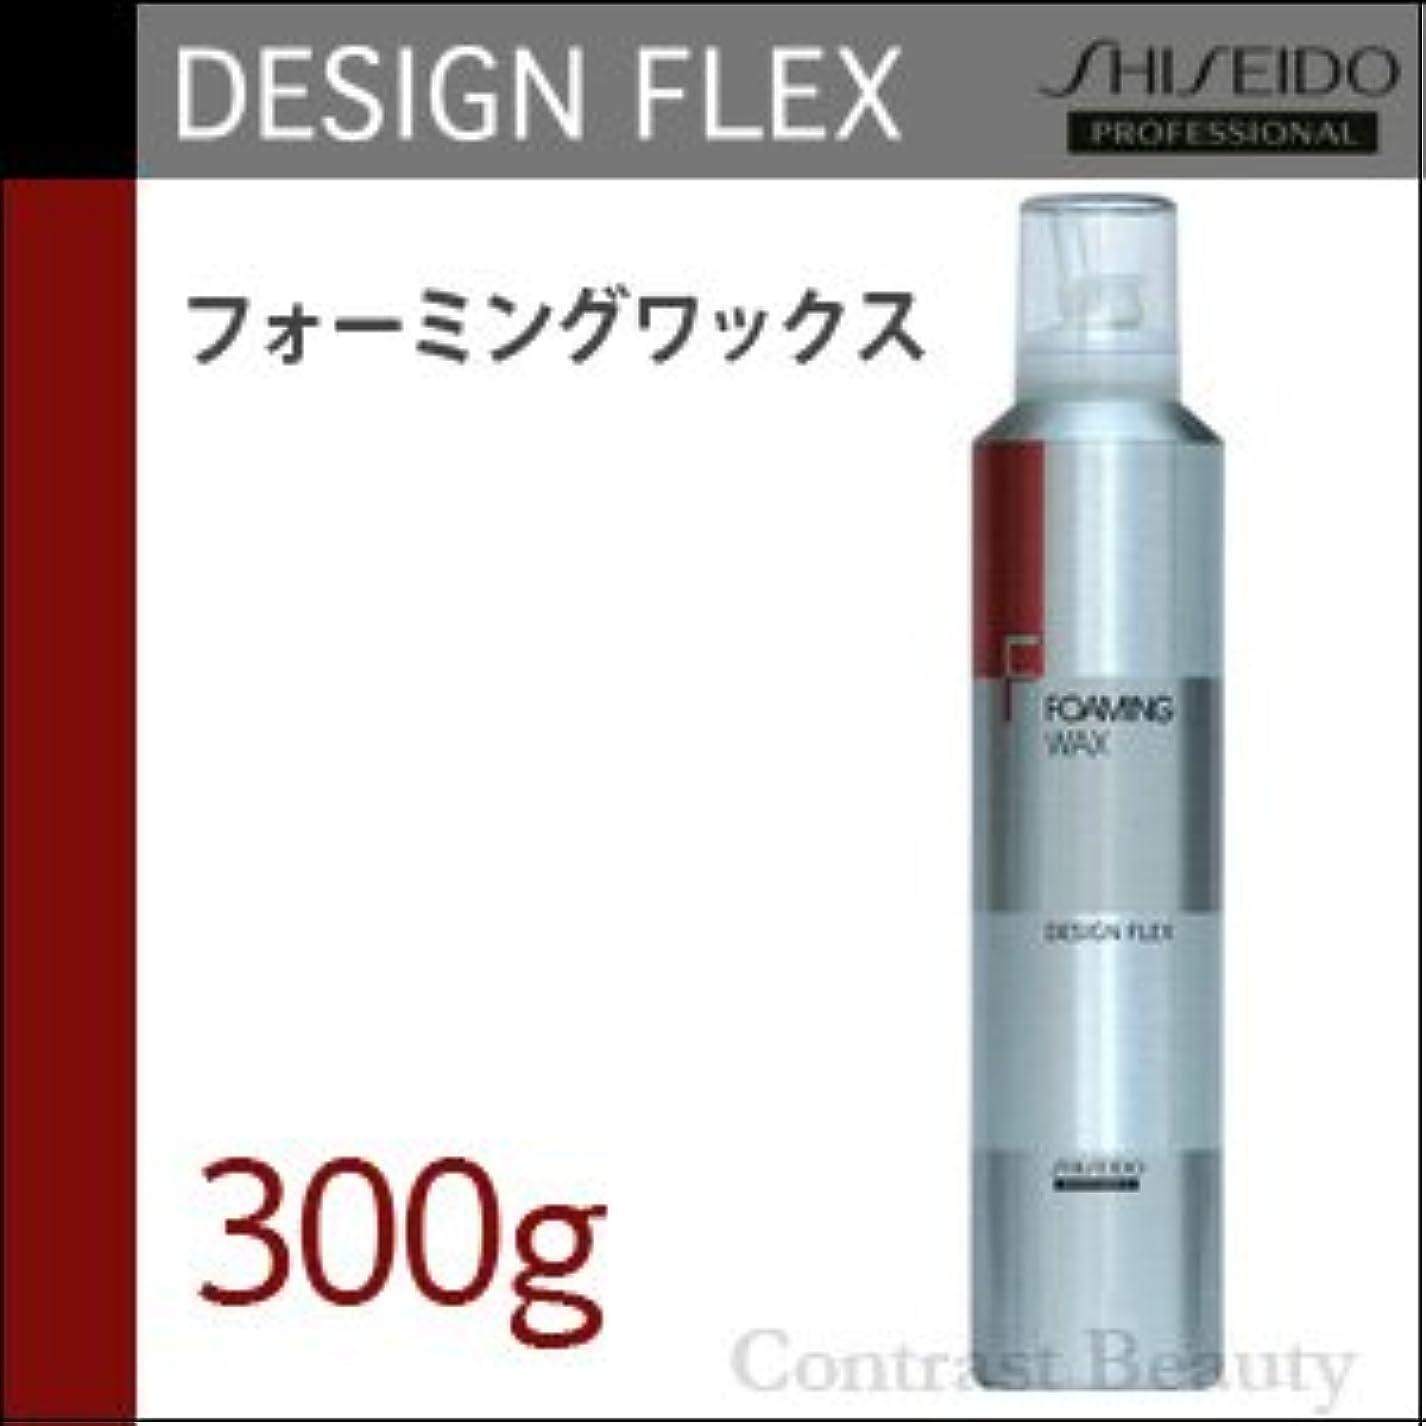 呪われた調整可能弱い【x3個セット】 資生堂 デザインフレックス フォーミングワックス 300g